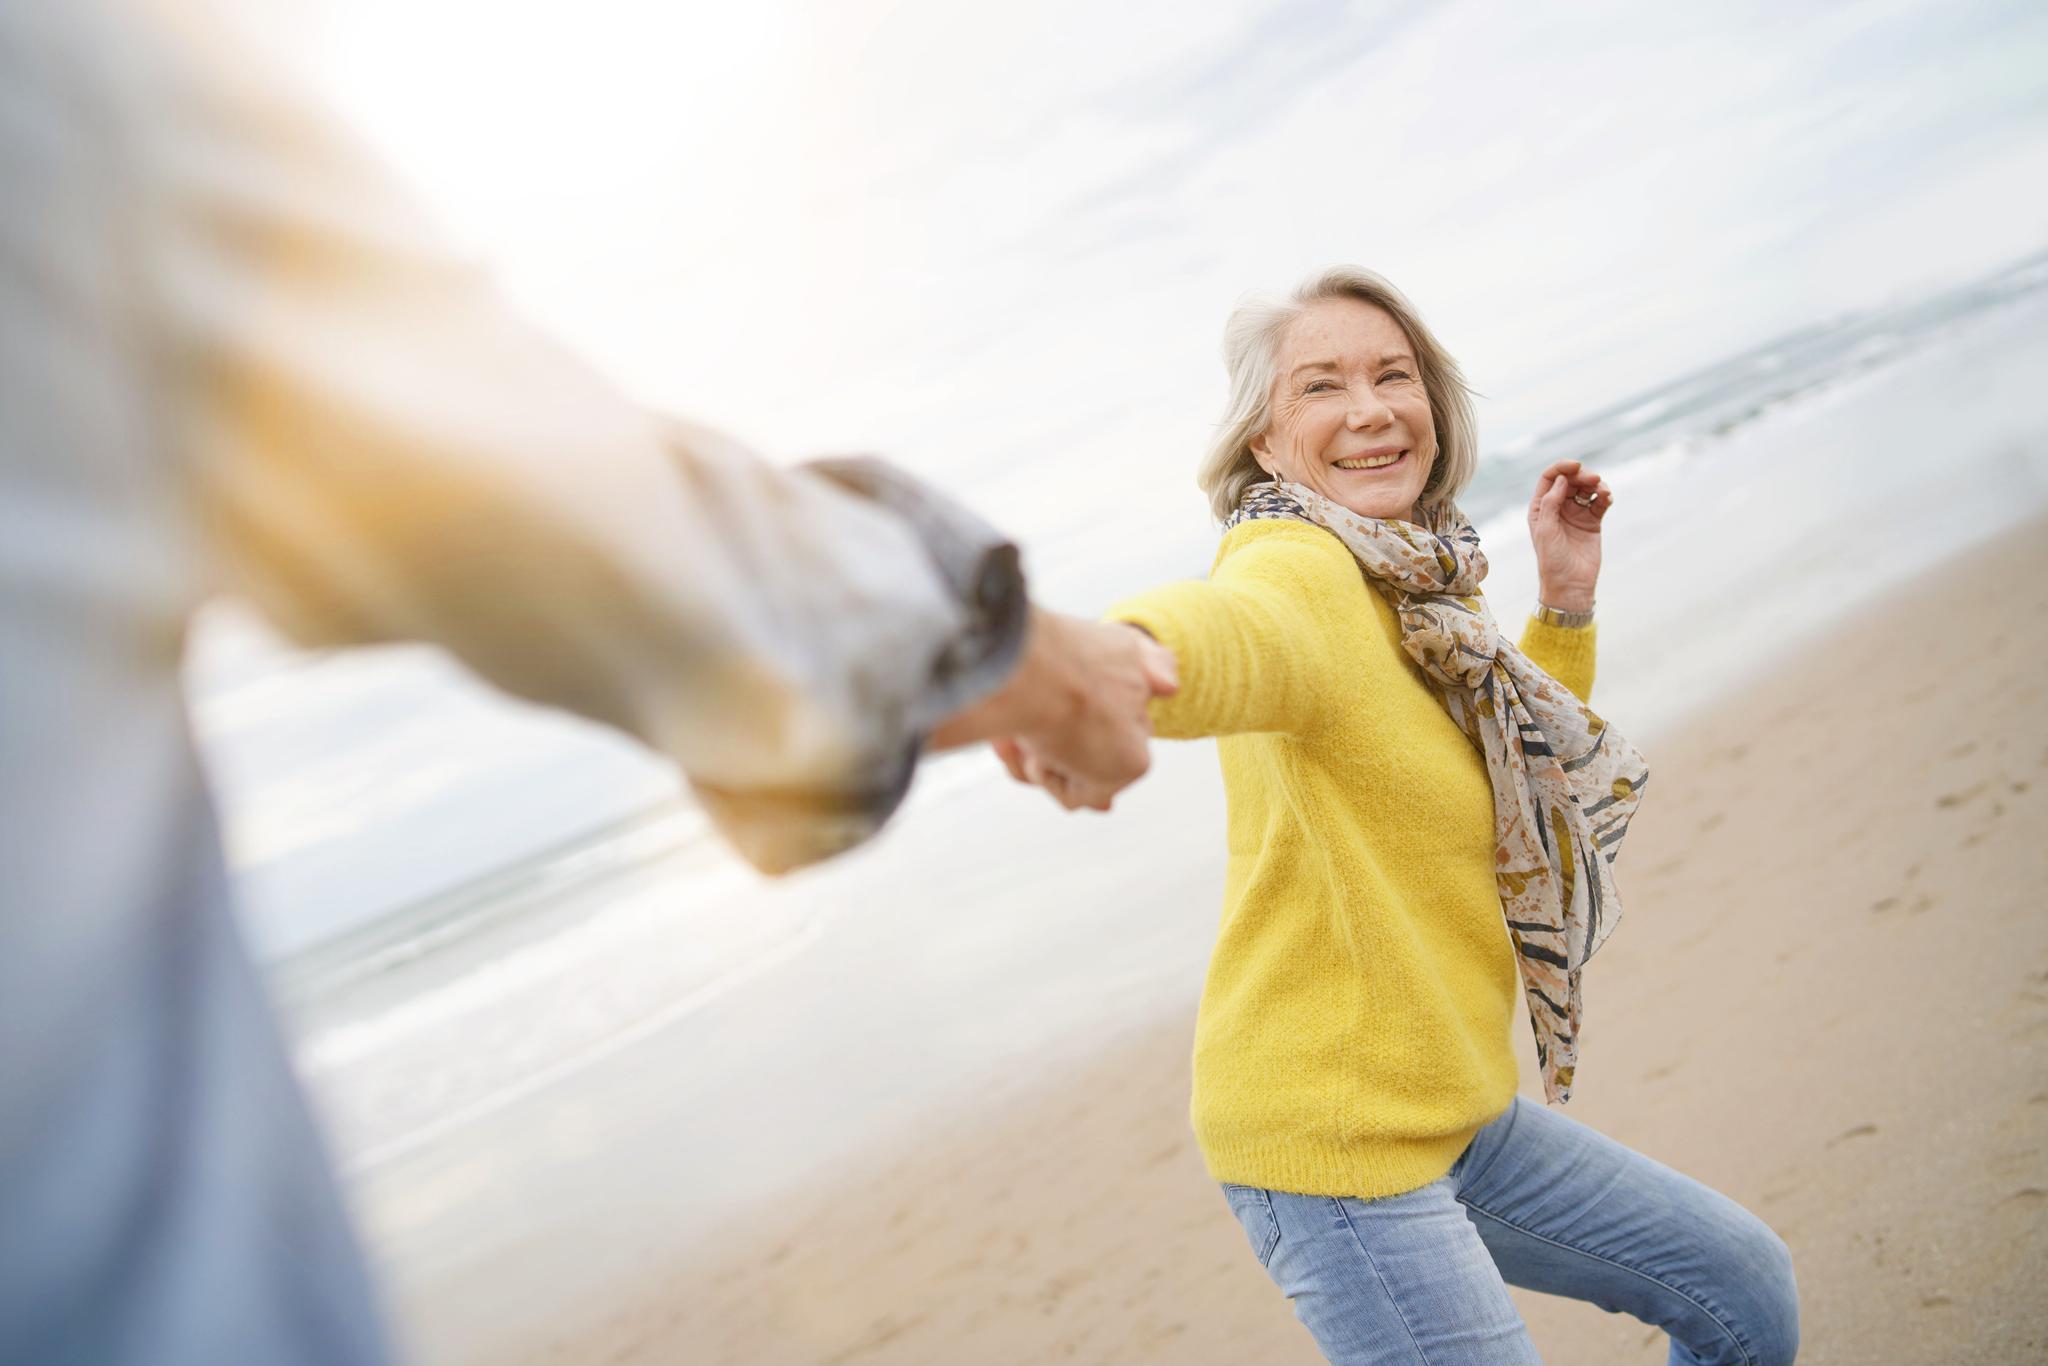 Lachende Frau am Strand wird von Mann an der Hand gezogen